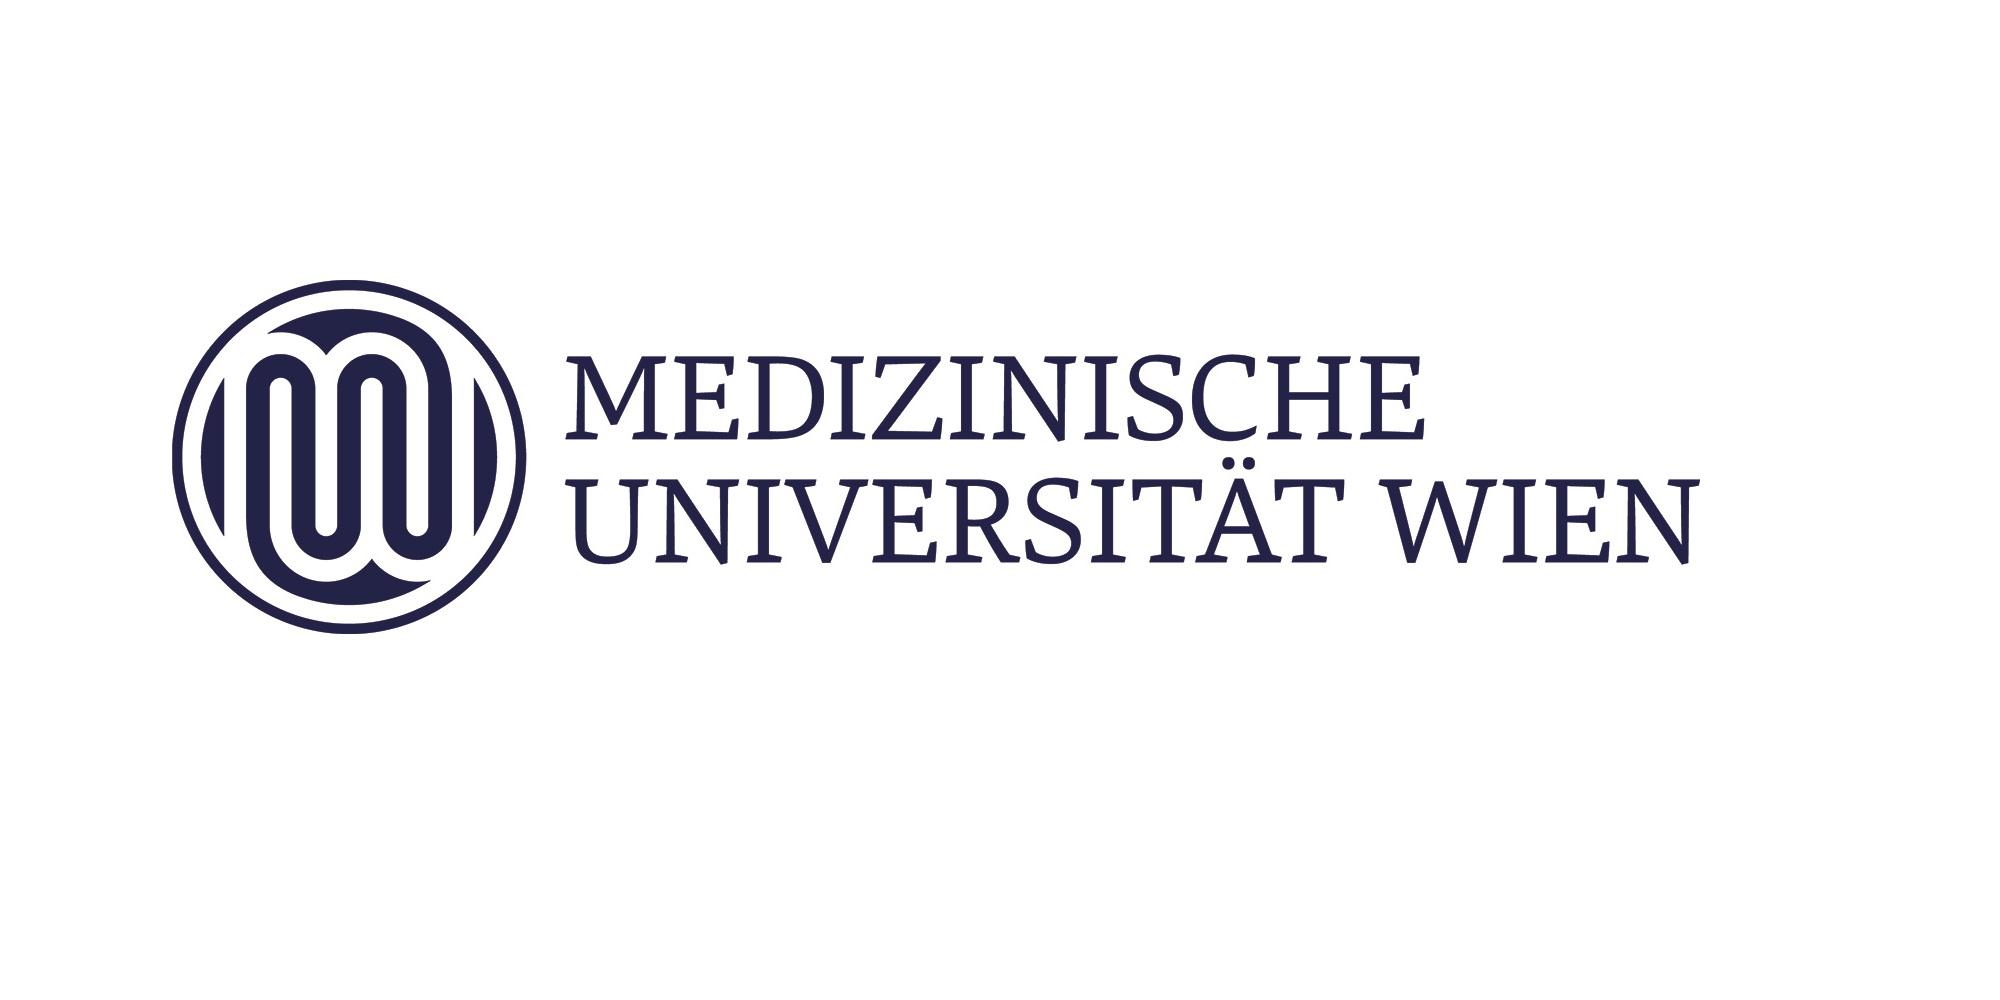 Bildergebnis für med uni wien logo